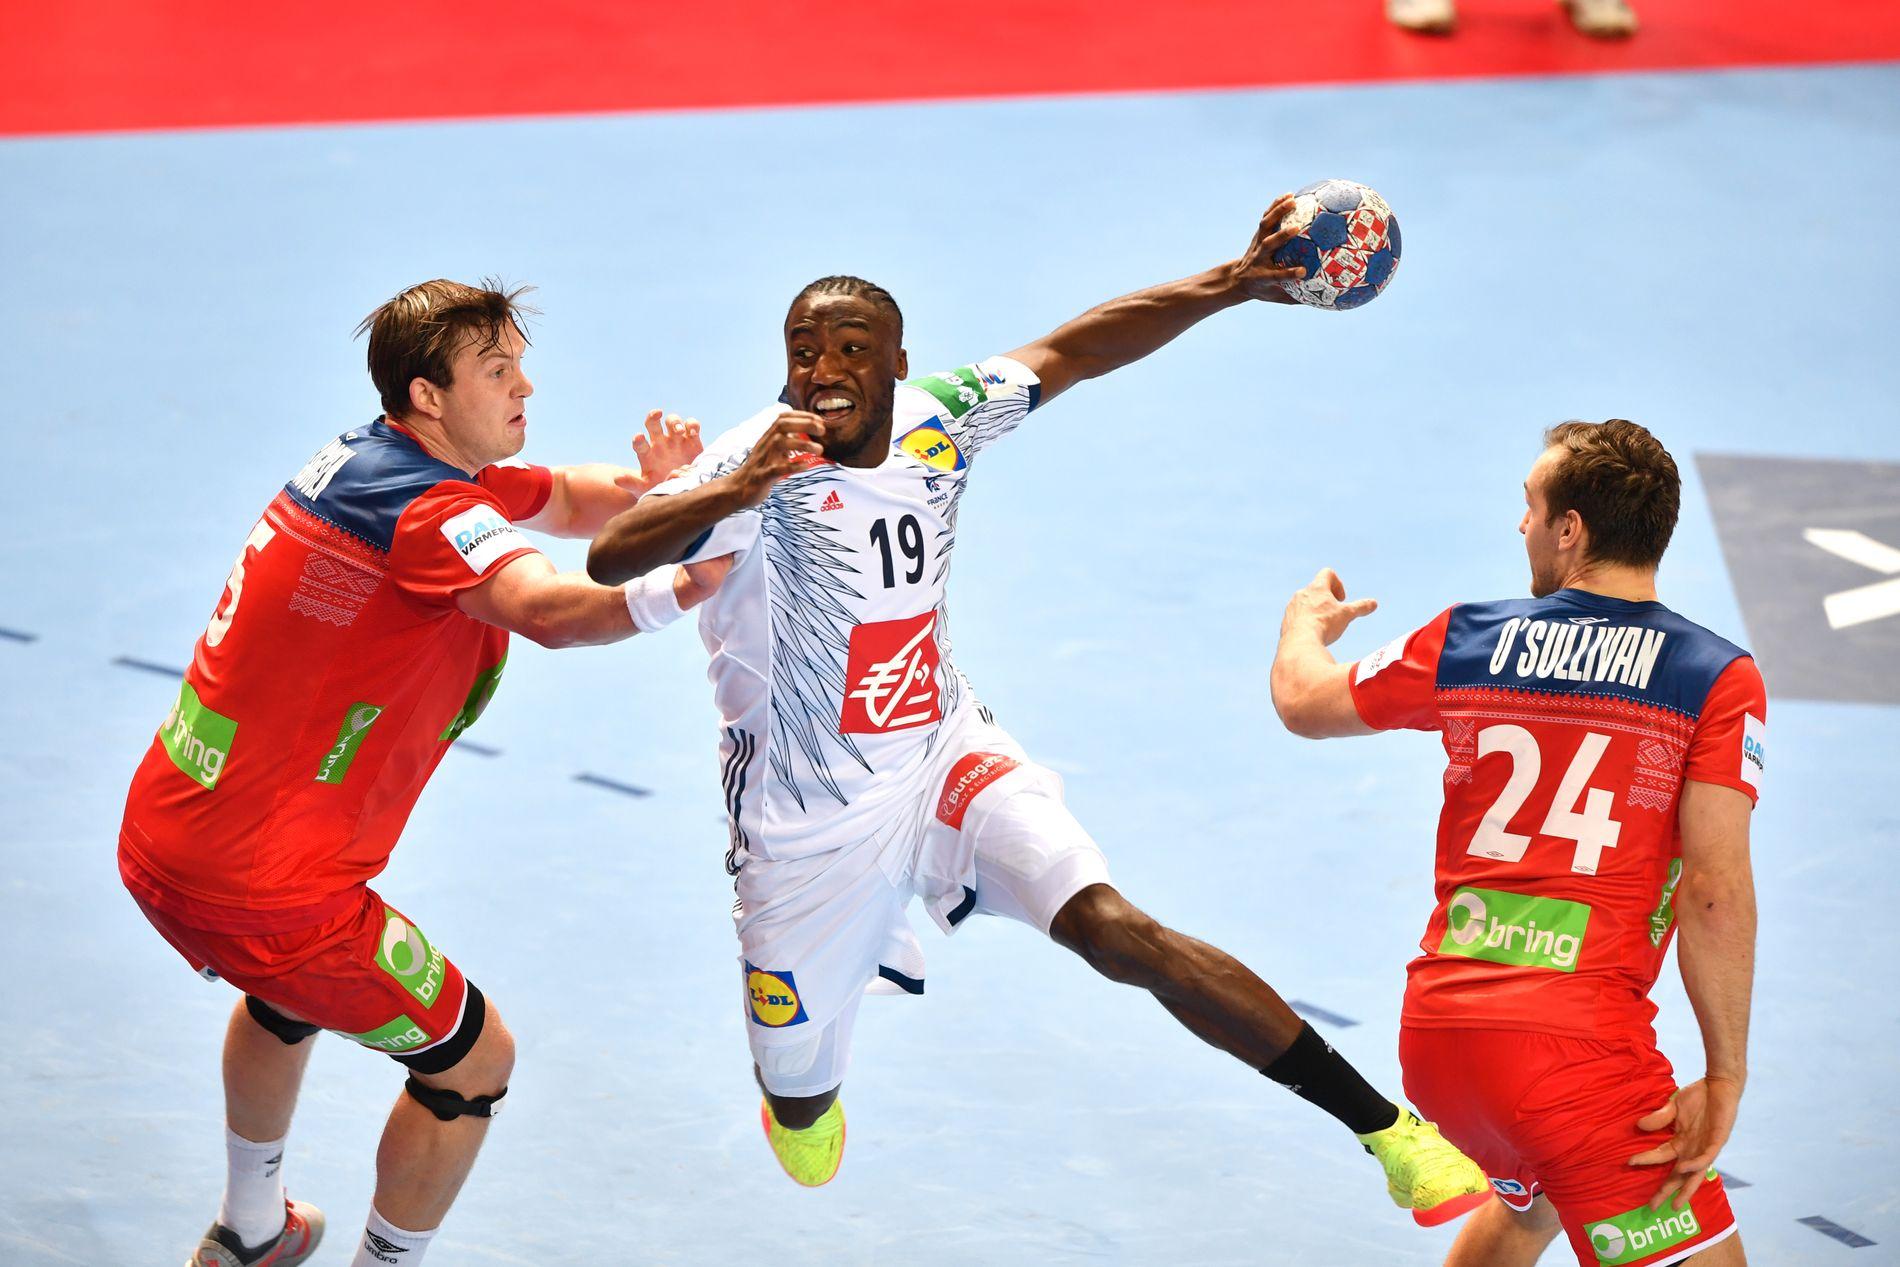 Fransk Handball Stjerne Klar For Elverum En Av De Aller Beste I Sin Posisjon Vg